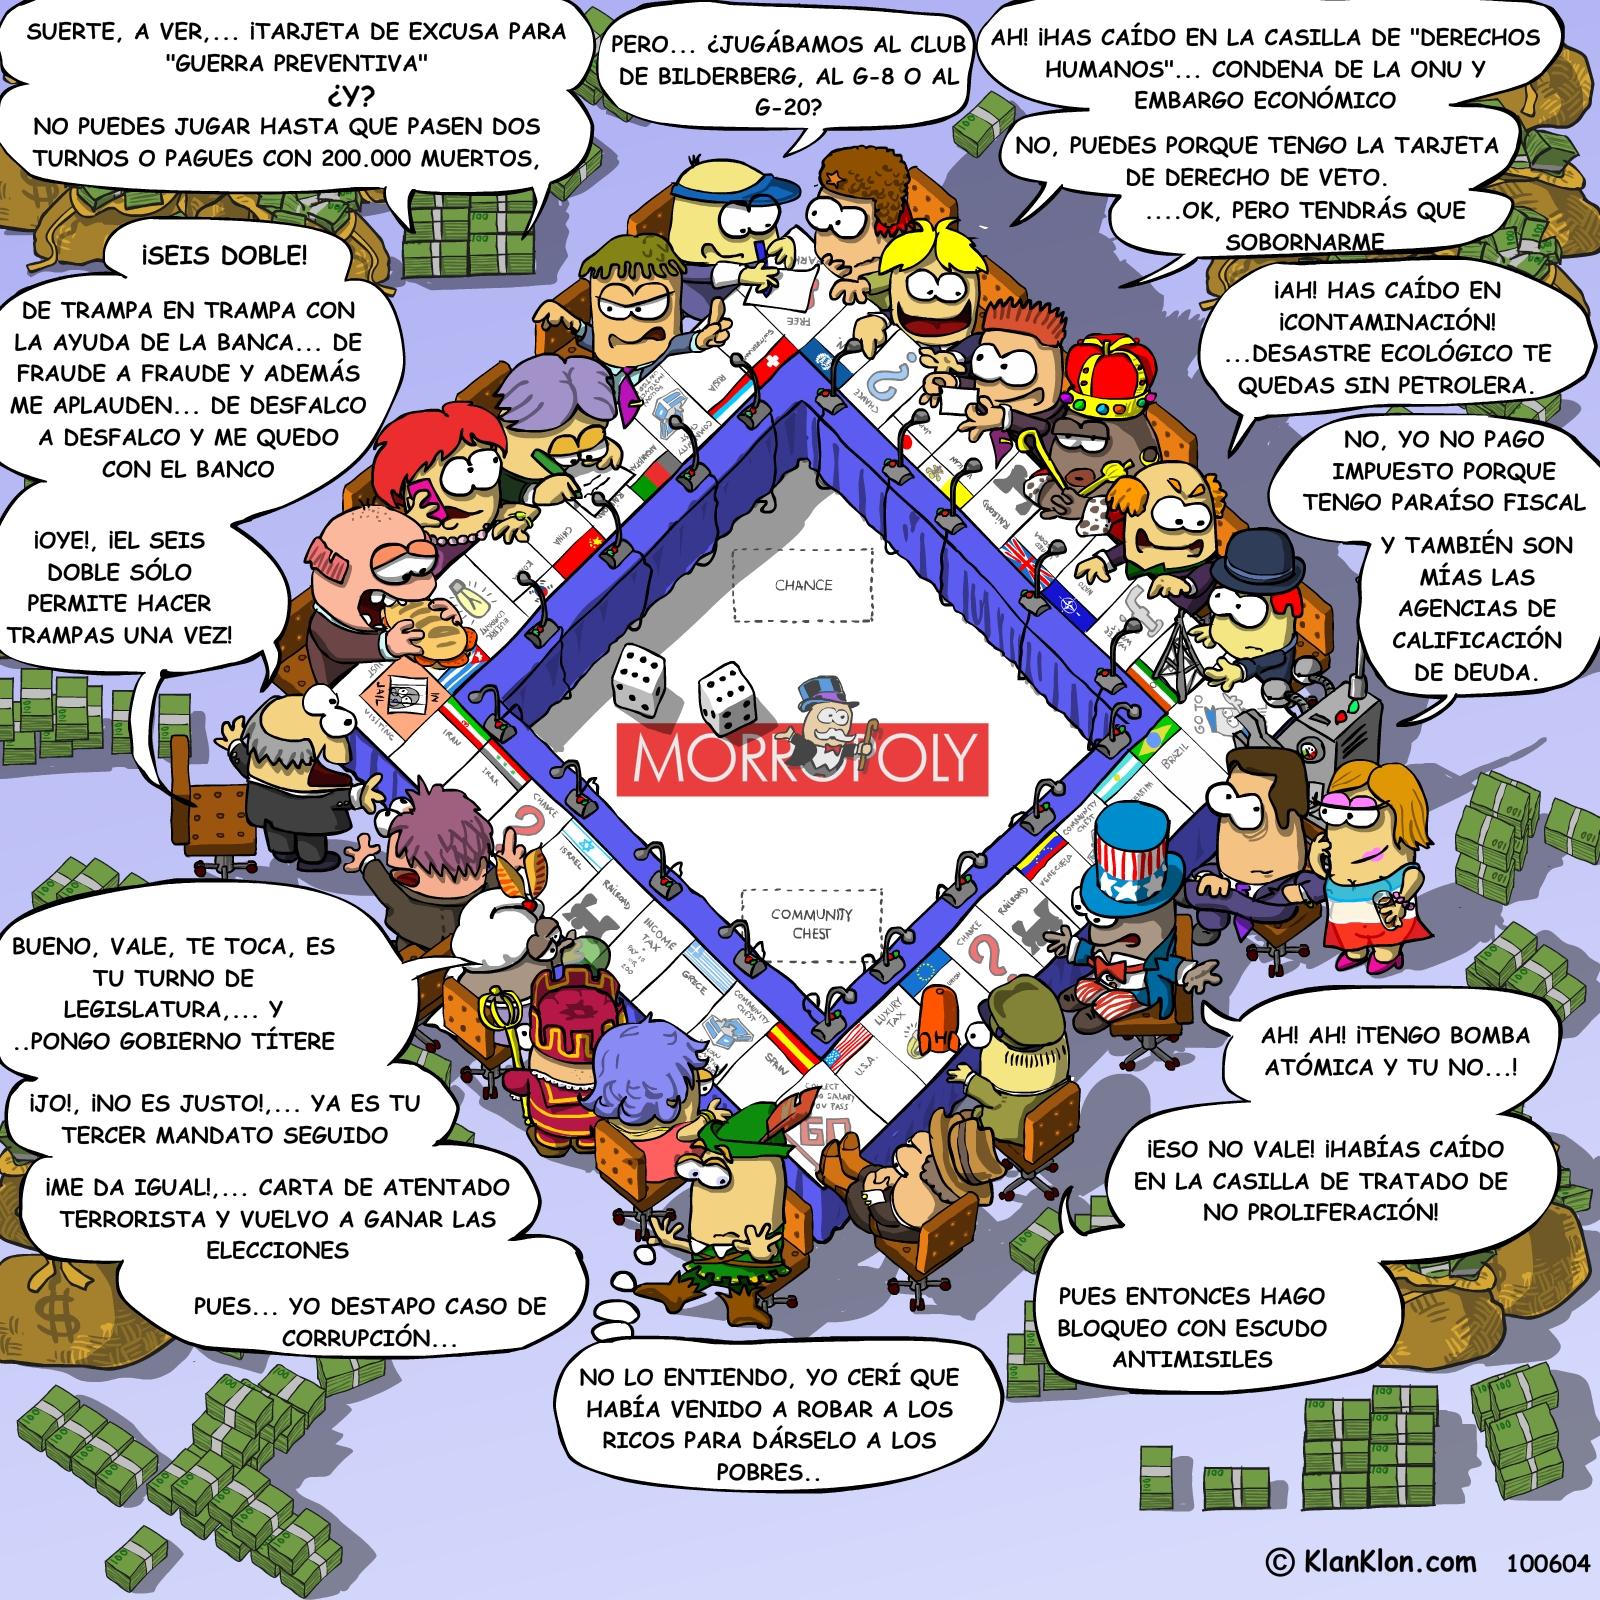 Club_Bilderberg_G20_G8_Monopoly_poster% - Humor en la red ( solo ponemos viñetas con firma para respetar propiedad intelectual)